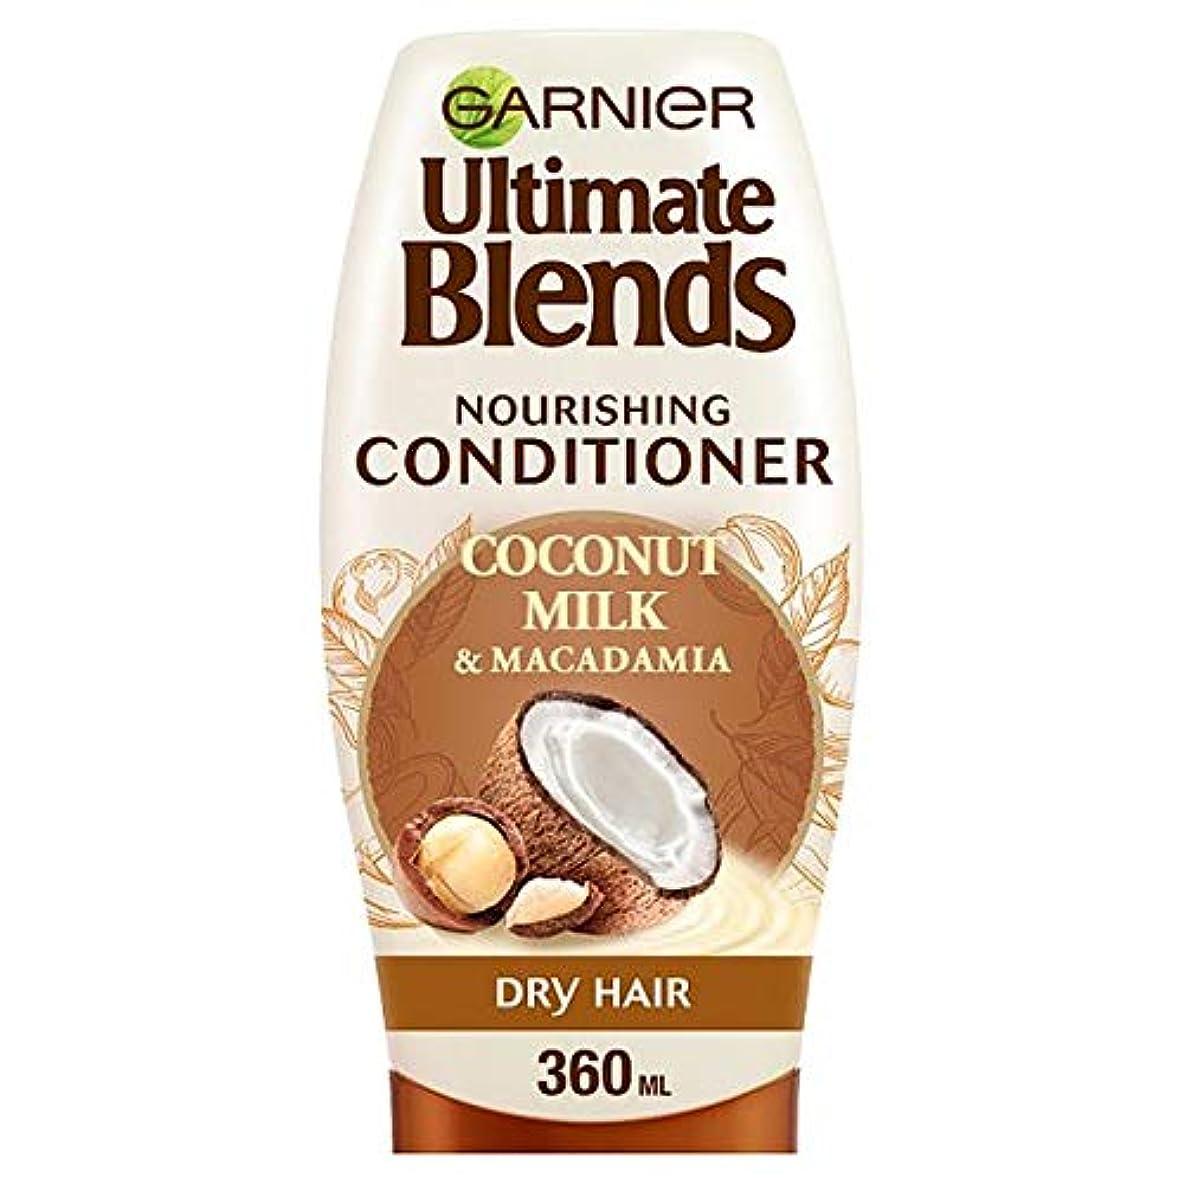 ヒント家主候補者[Garnier] ガルニエ究極のブレンドココナッツミルクコンディショナー乾燥した髪の360ミリリットル - Garnier Ultimate Blends Coconut Milk Conditioner Dry Hair...